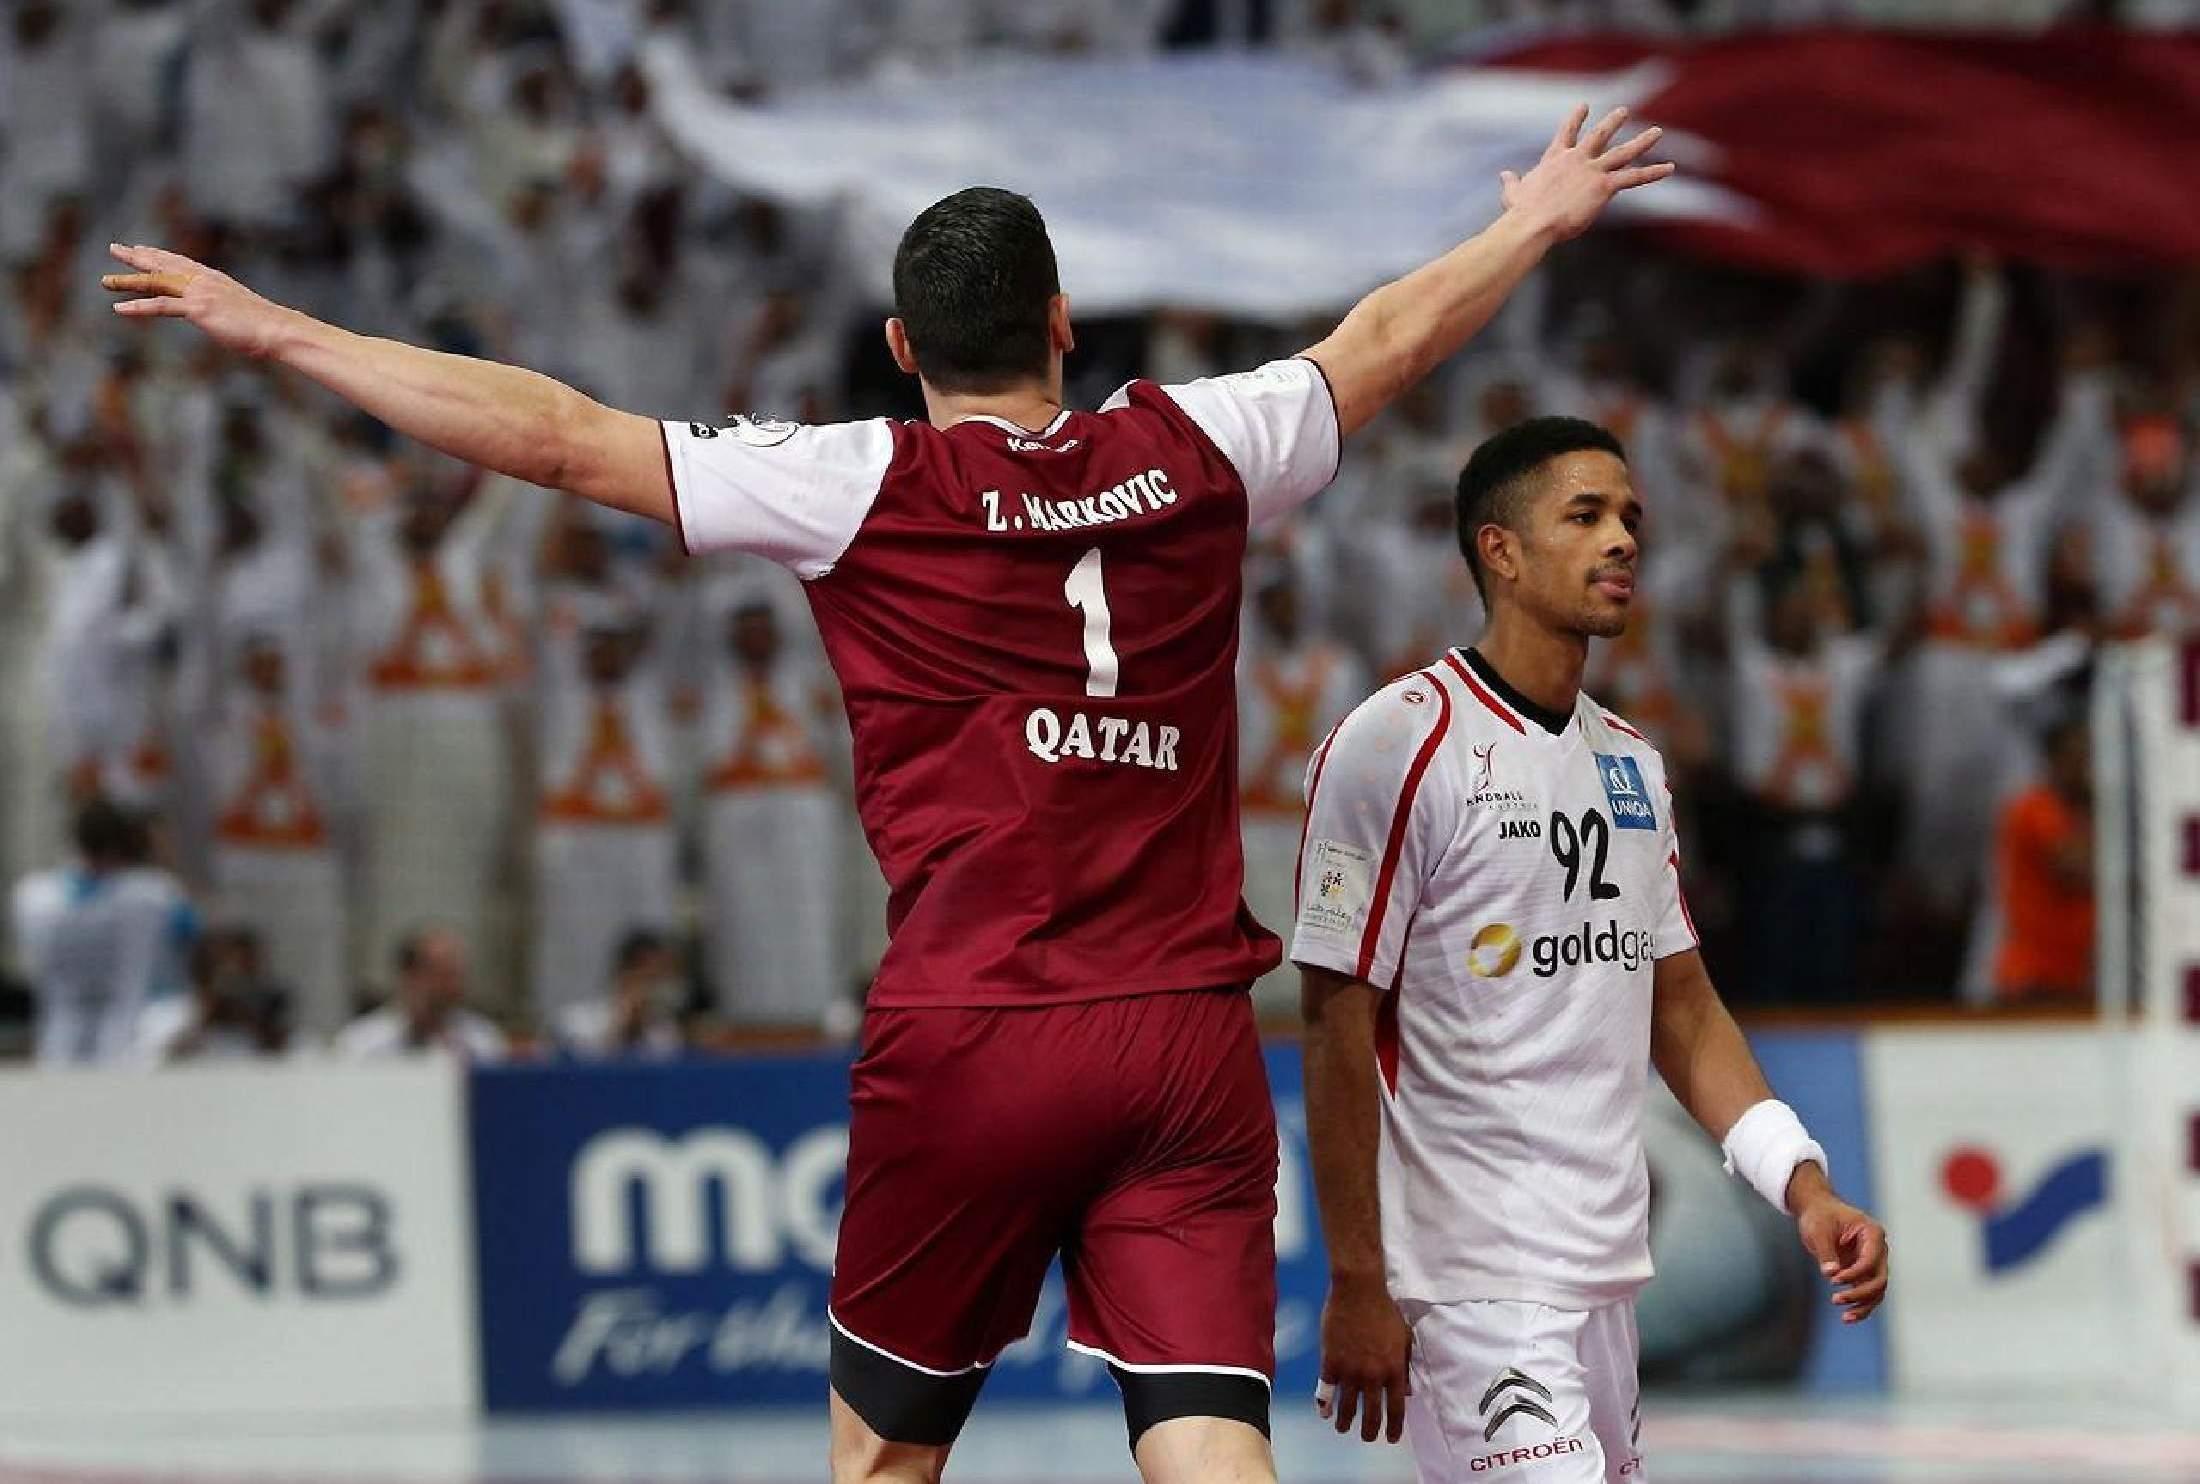 qatar_handball.jpg (221.24 Kb)